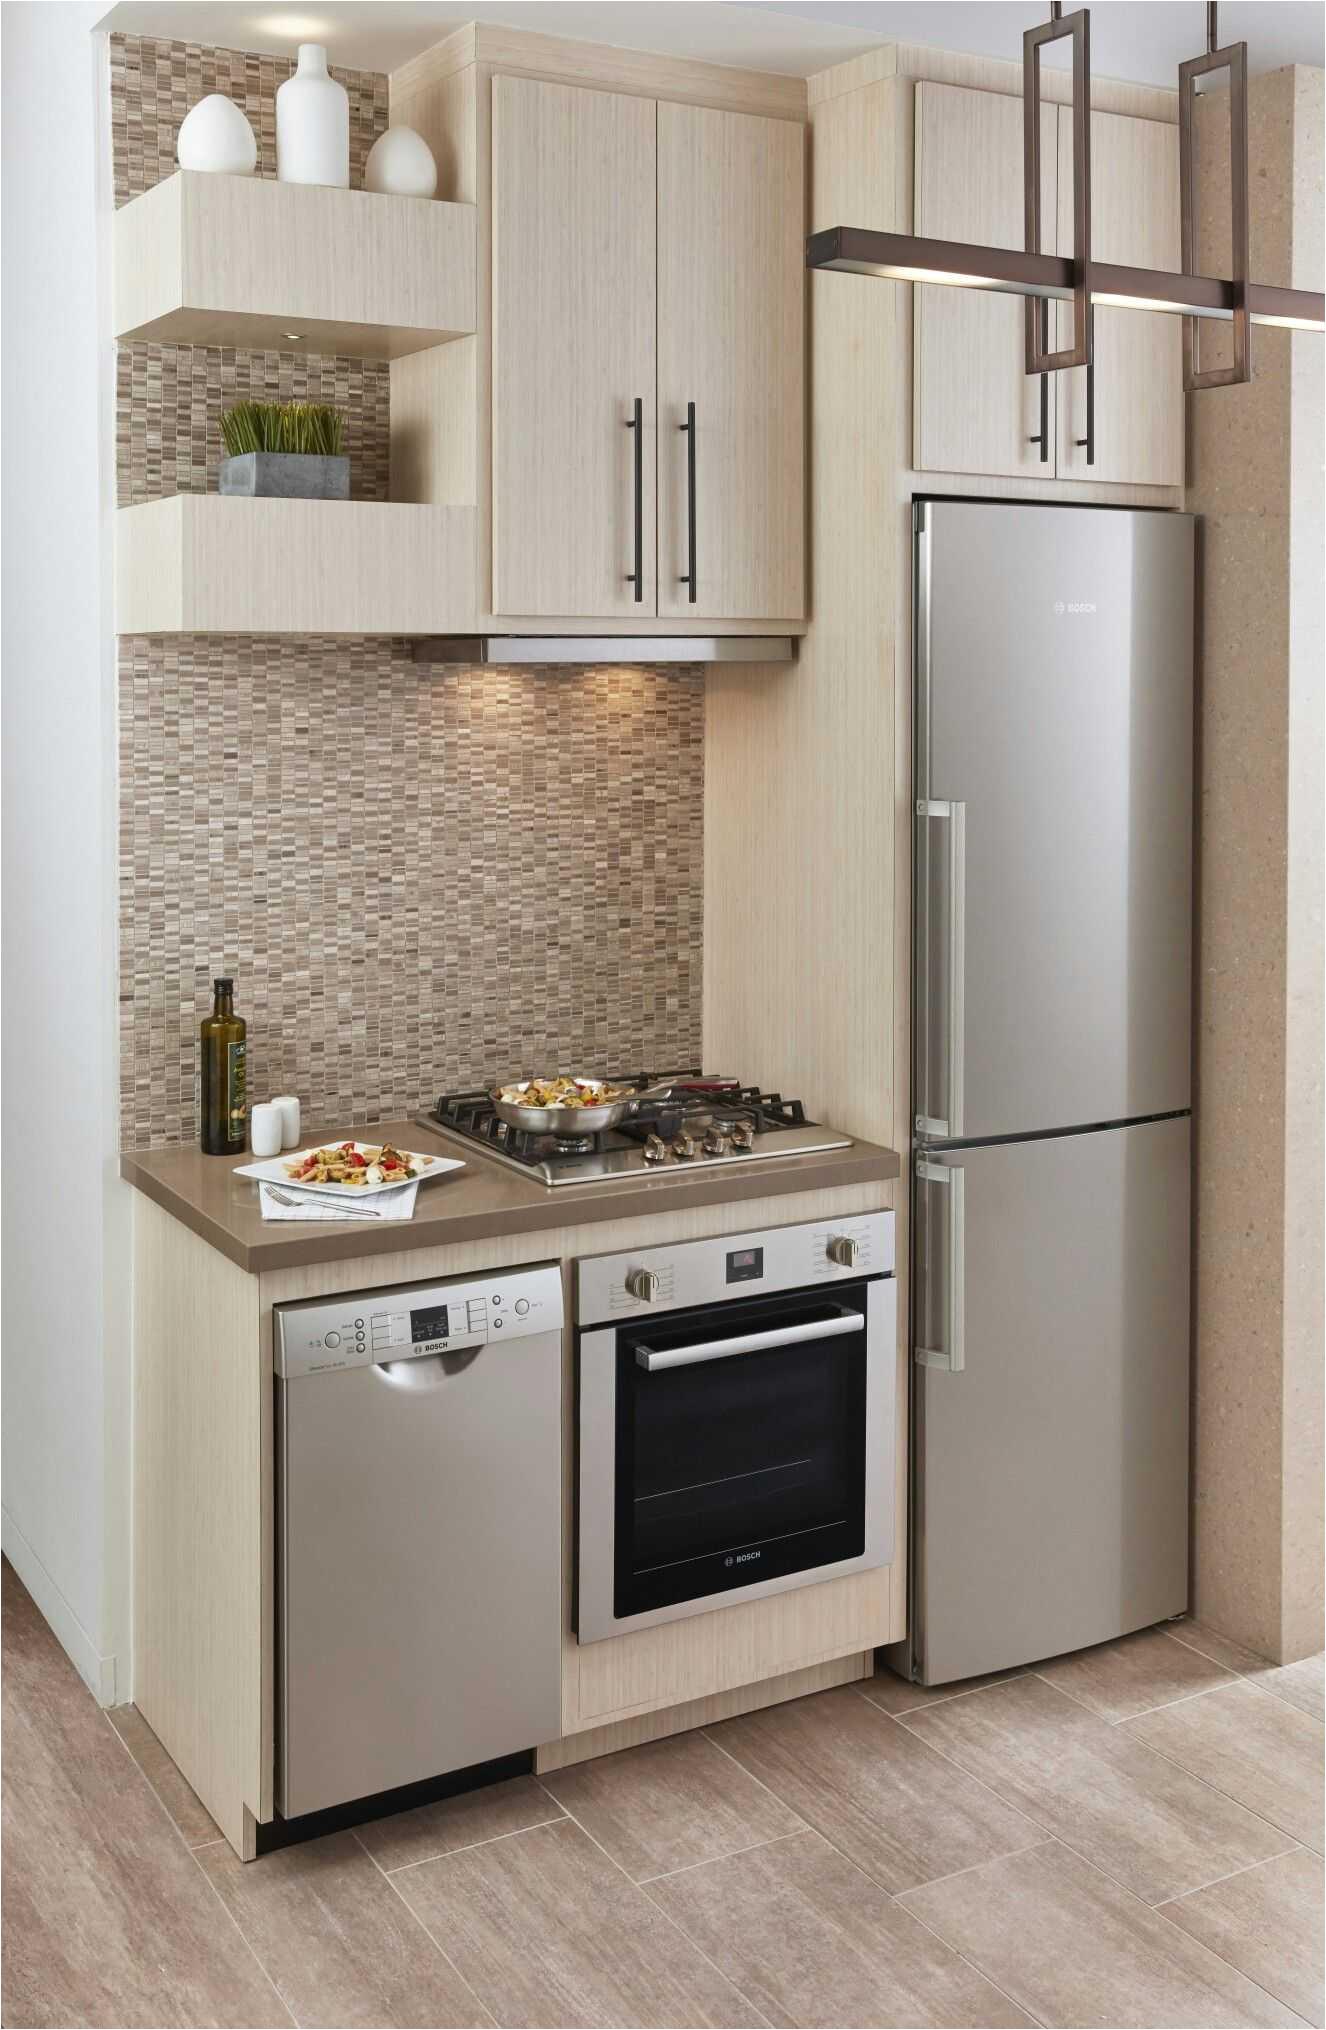 finest modelos de cocinas pequeas ideas decoracion pequenas decoradas con pin ranger minney en home with diseo de cocinas pequeas modernas